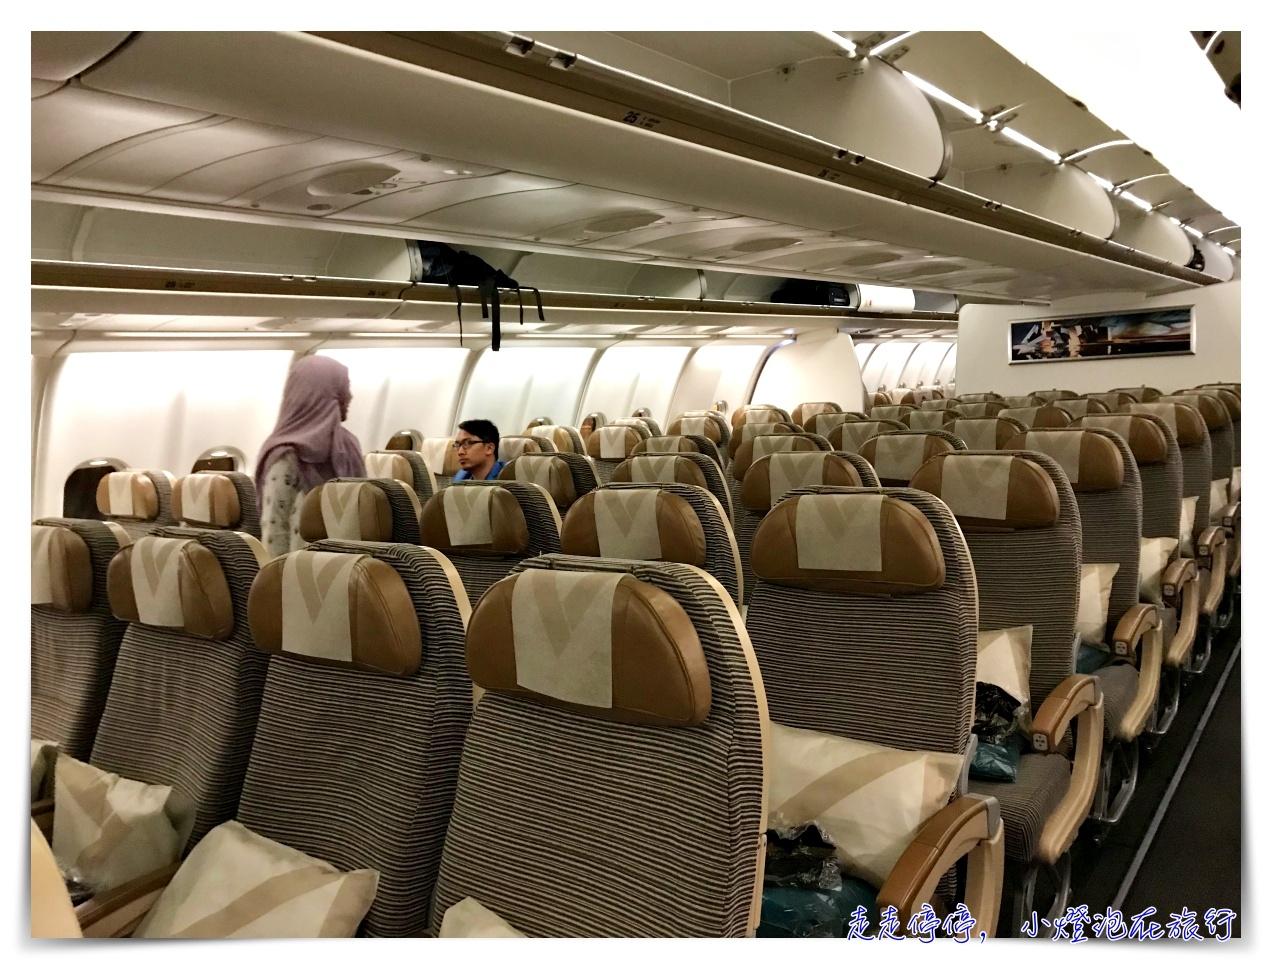 歐洲西班牙便宜機票|阿提哈德外站出發,親子西班牙自由行朝聖之旅飛行體驗評價~